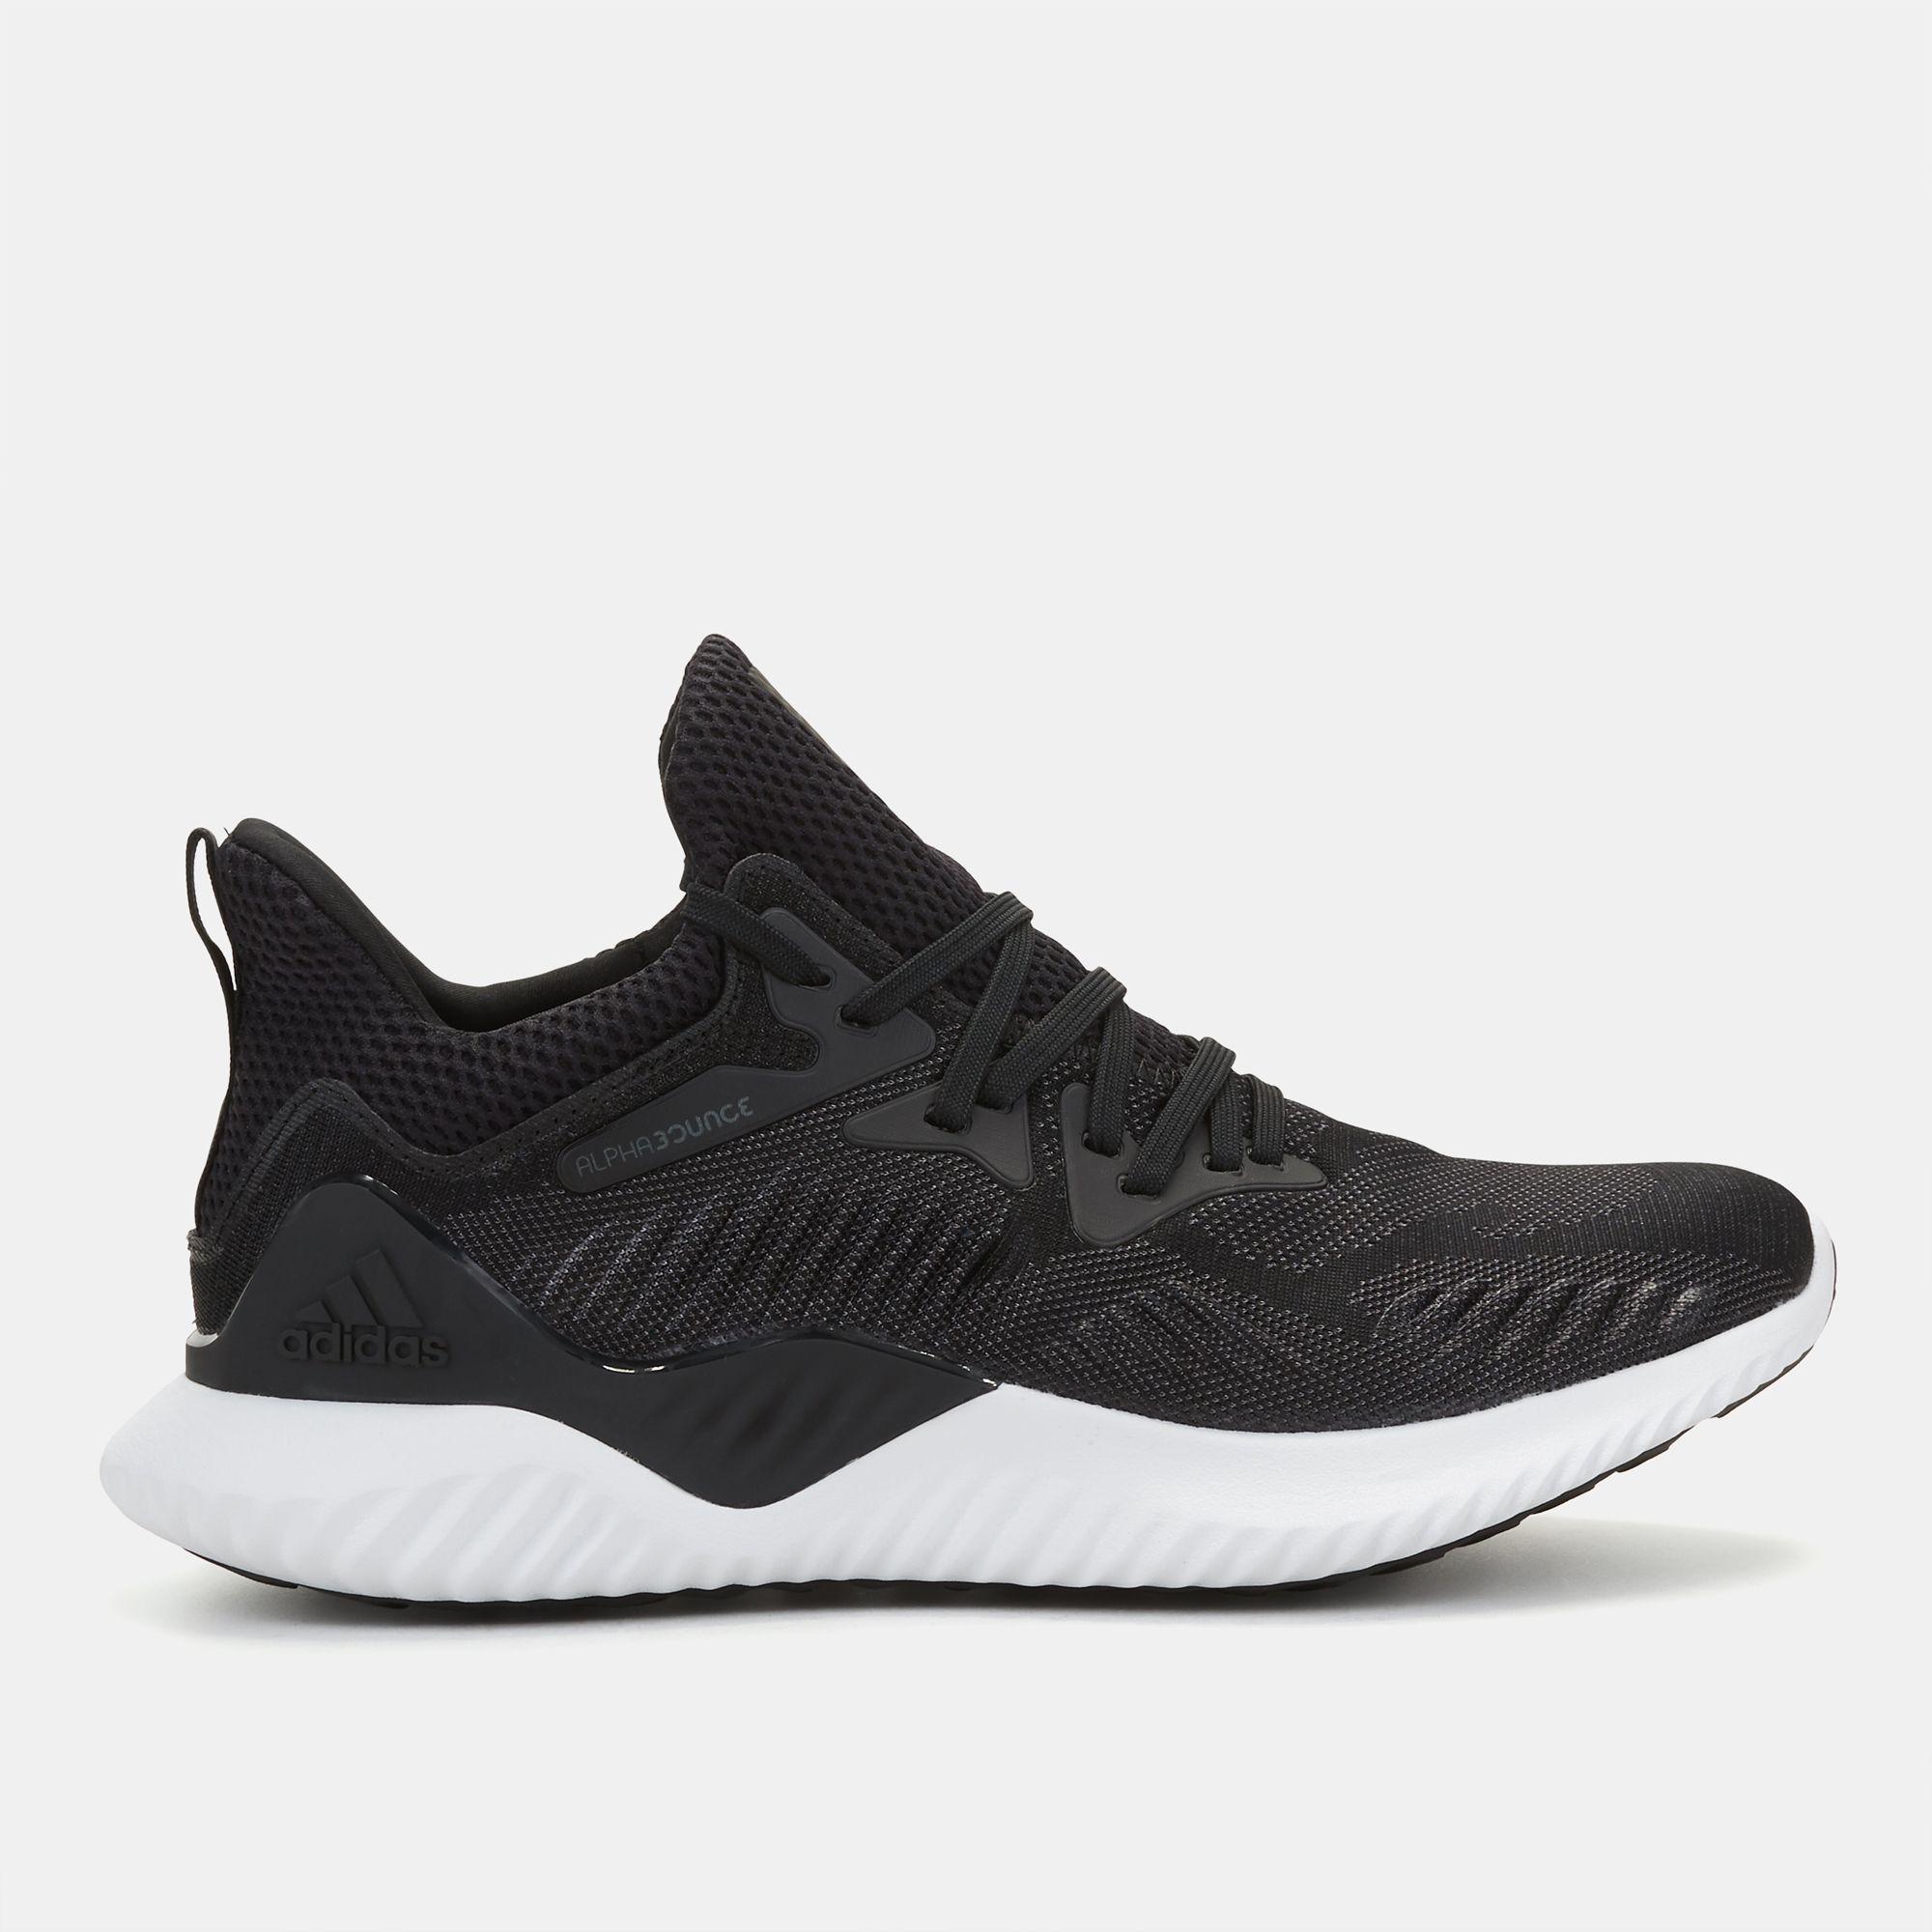 Negozio nero adidas alphabounce oltre scarpa per donne dall'adidas sss